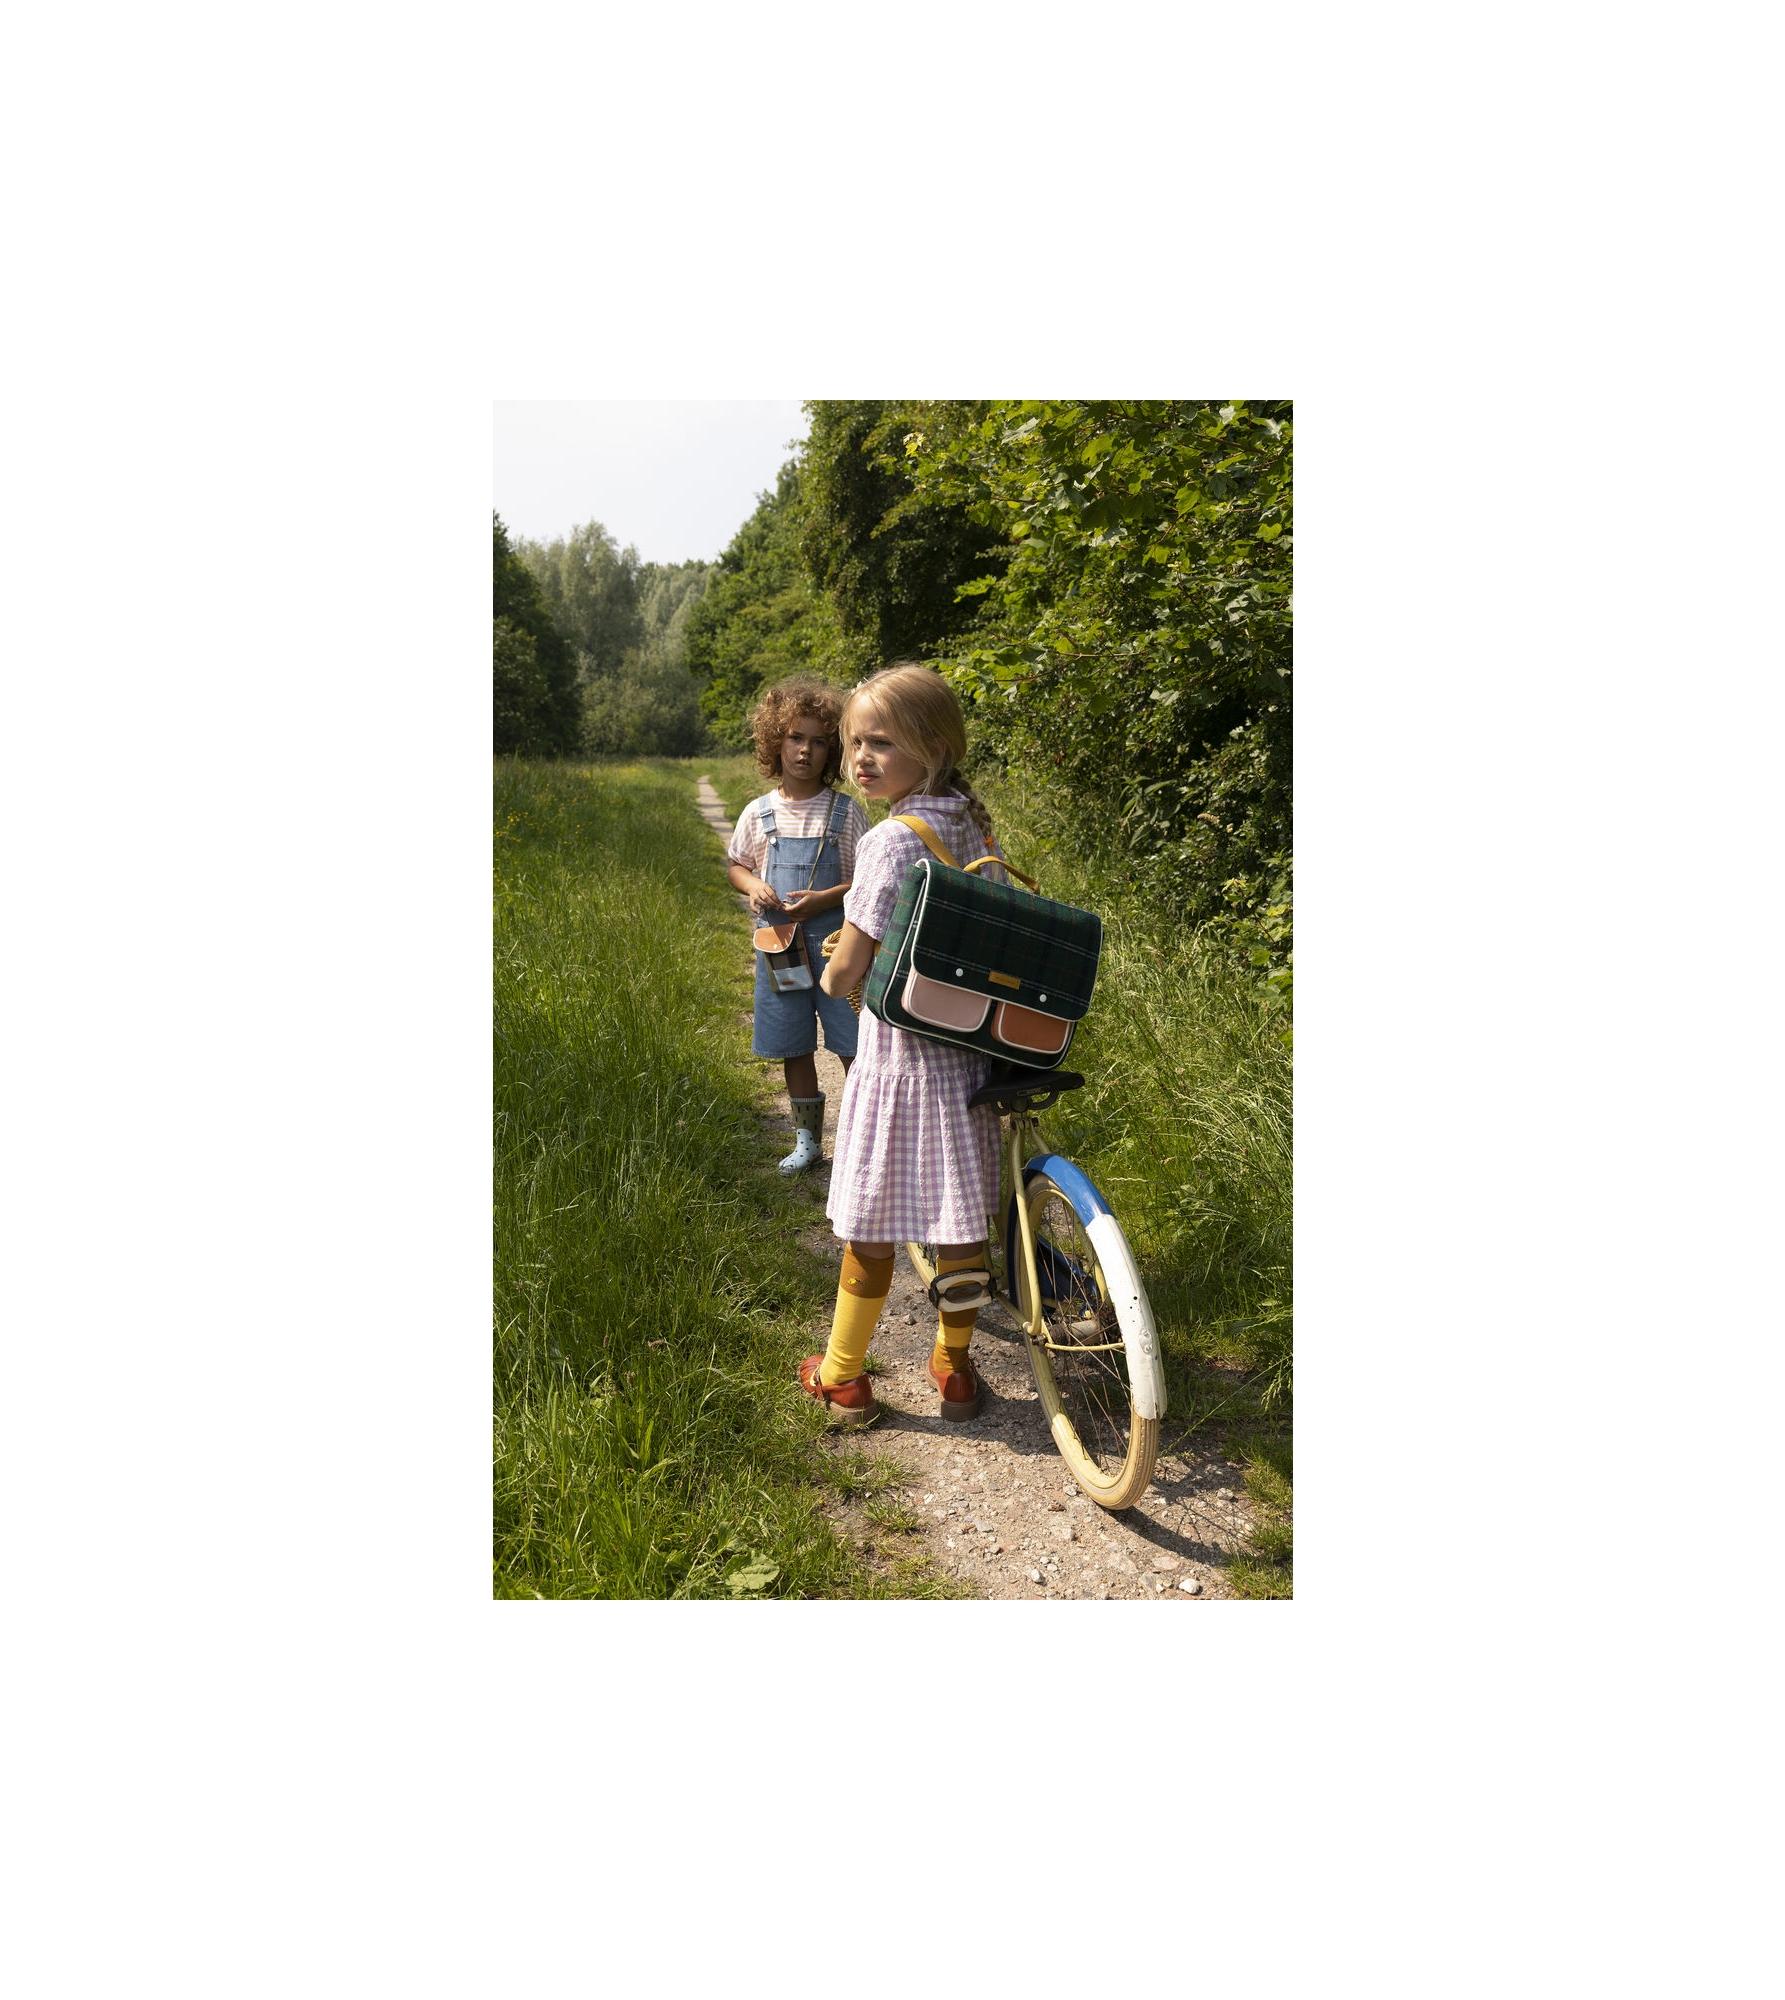 1801675 - Sticky Lemon - school bag - wanderer - forest green checks - style shot 01.jpg